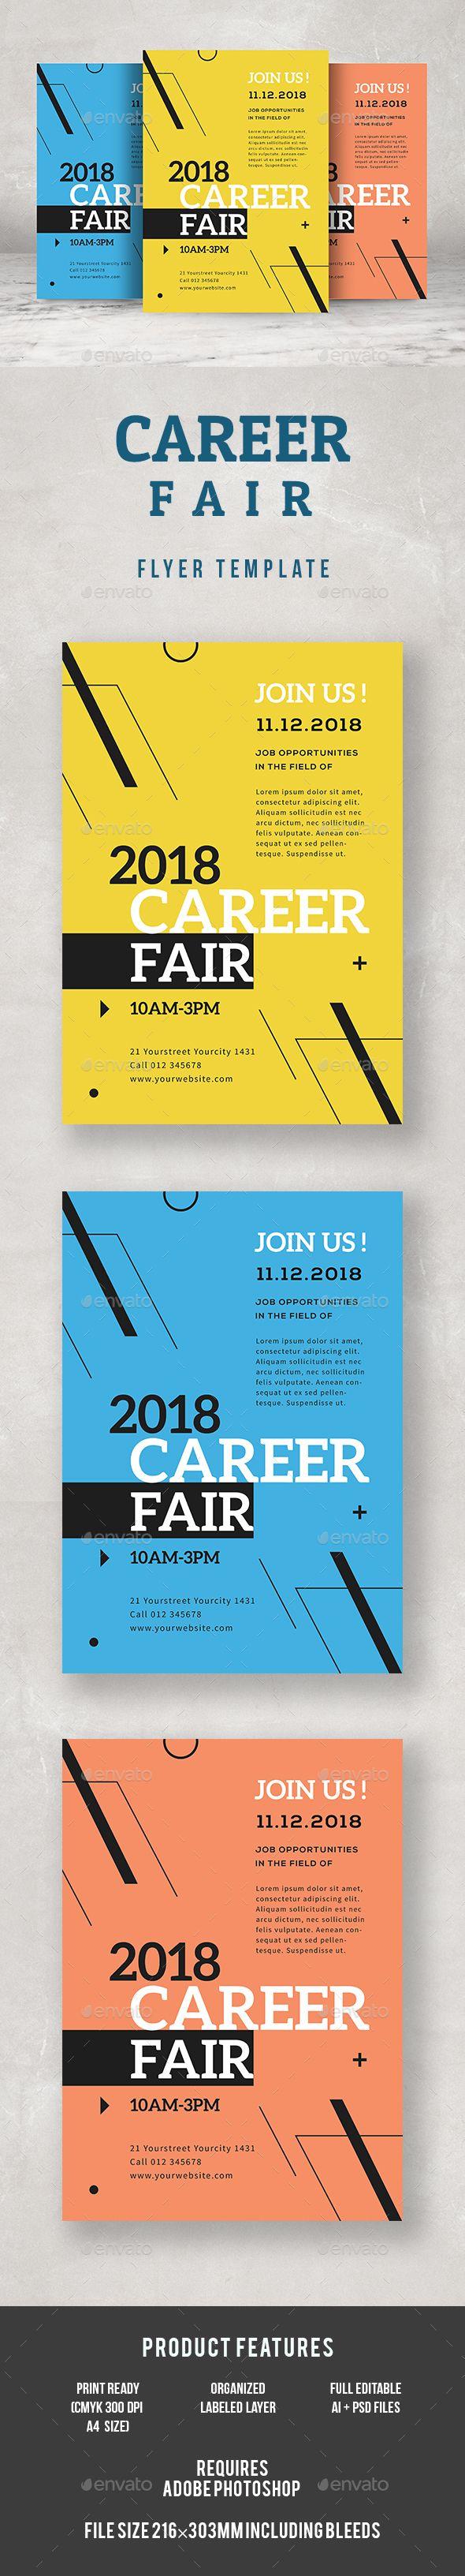 Career Fair #Fyer - Corporate Flyers Download here: https://graphicriver.net/item/career-fair-fyer/19581777?ref=alena994